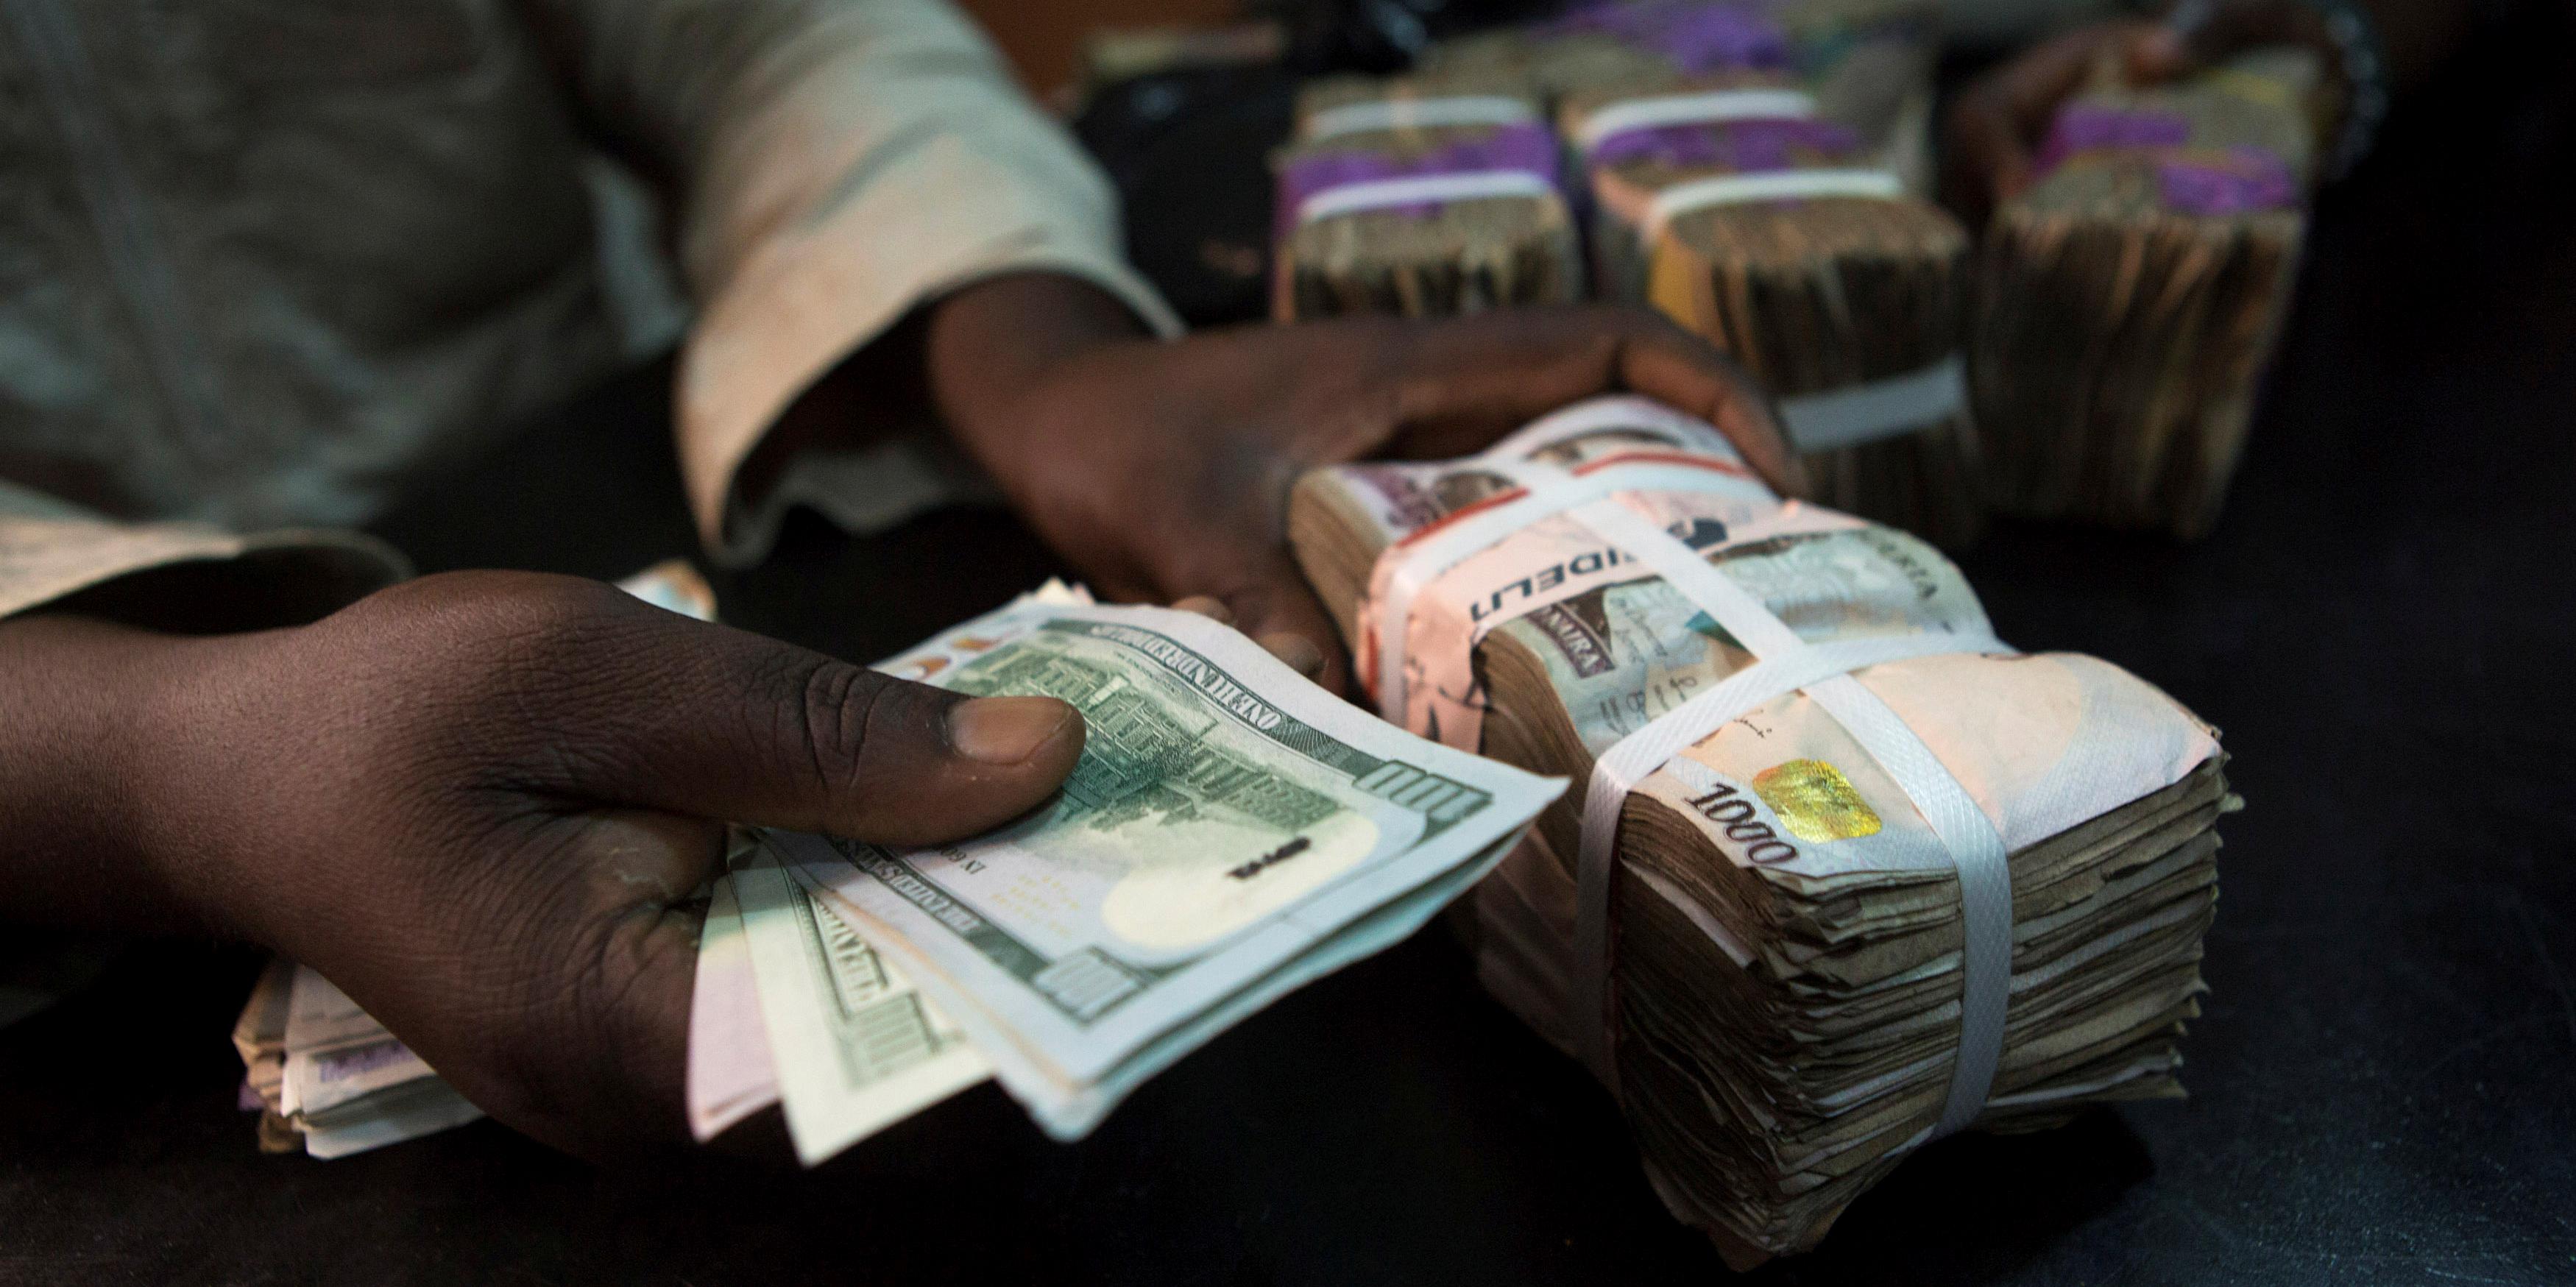 Le stock des investissements américains en Afrique subsaharienne décroît de 22,6% entre 2014 et 2016 (Rapport)